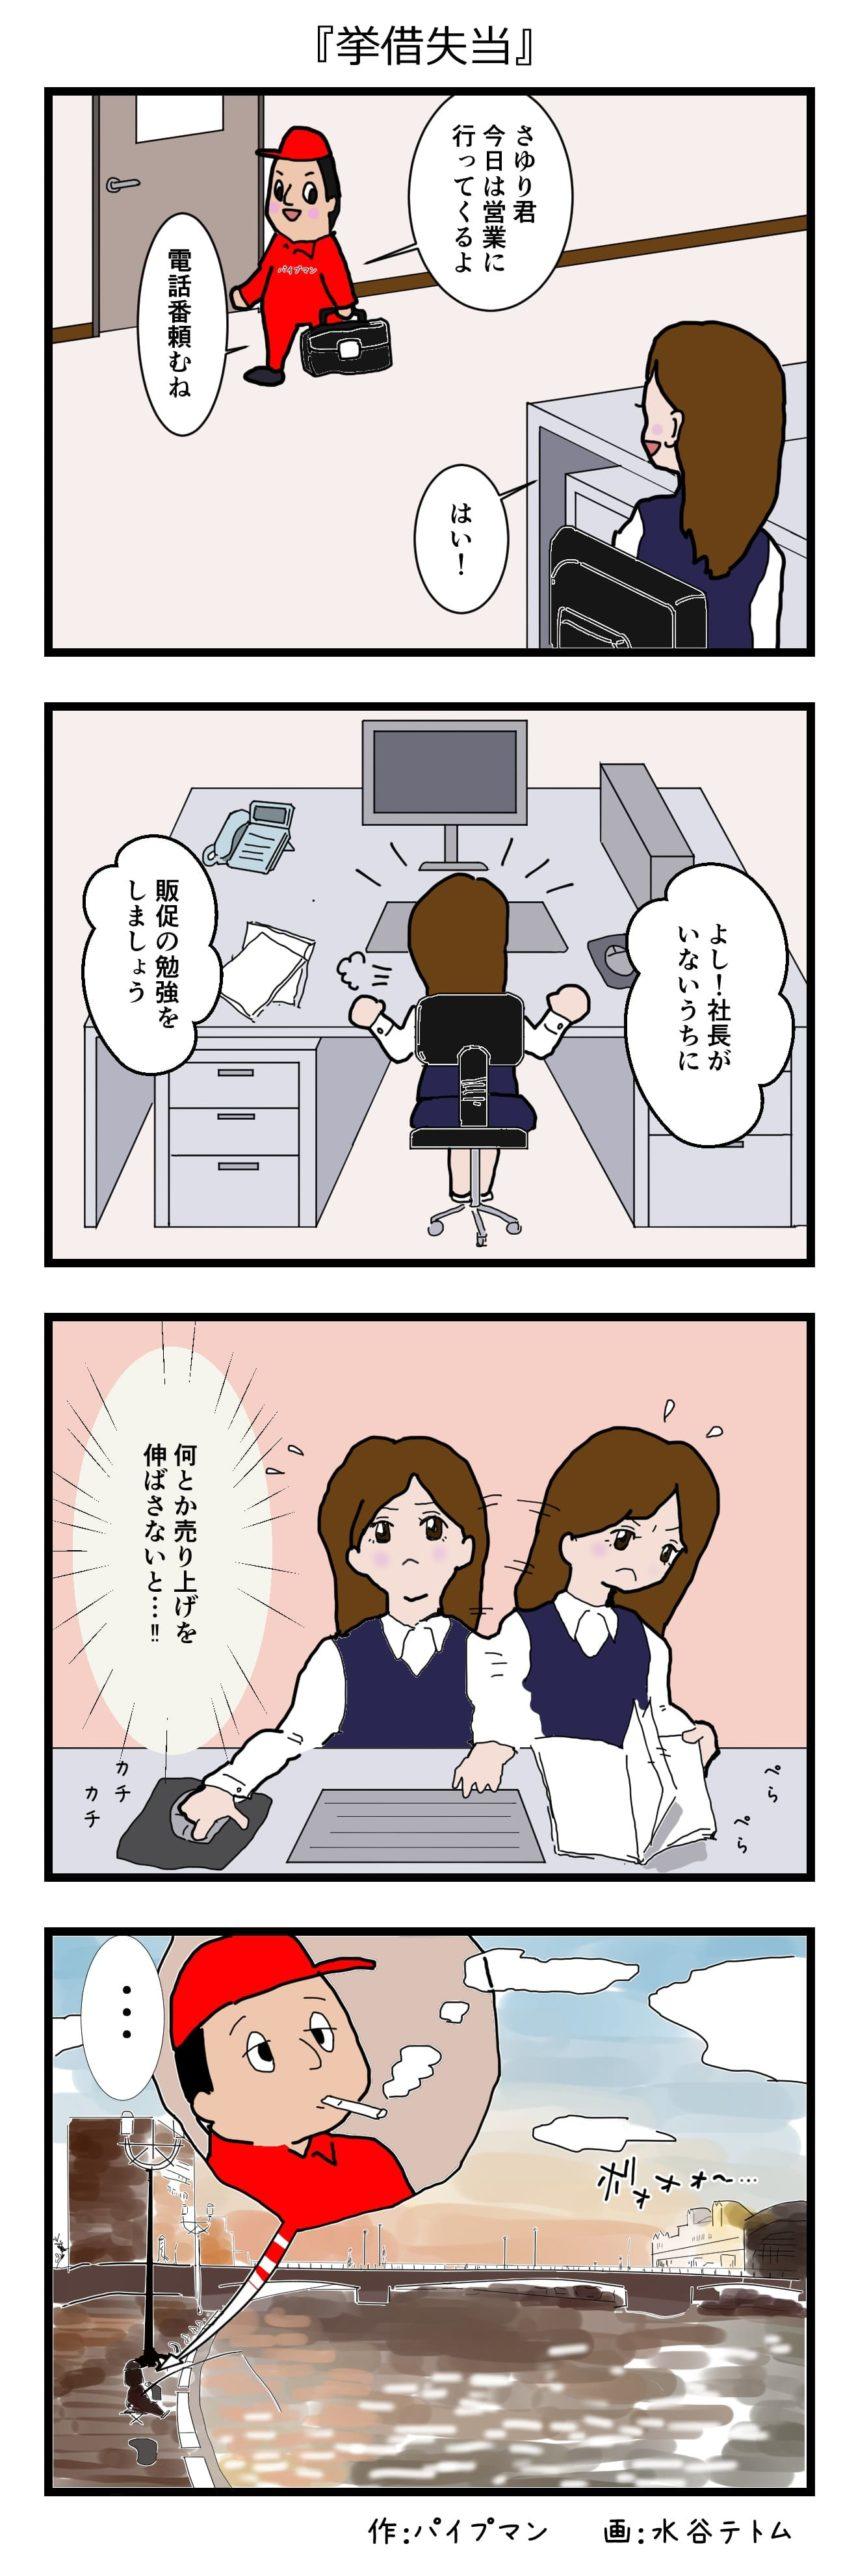 パイプマン漫画第6話